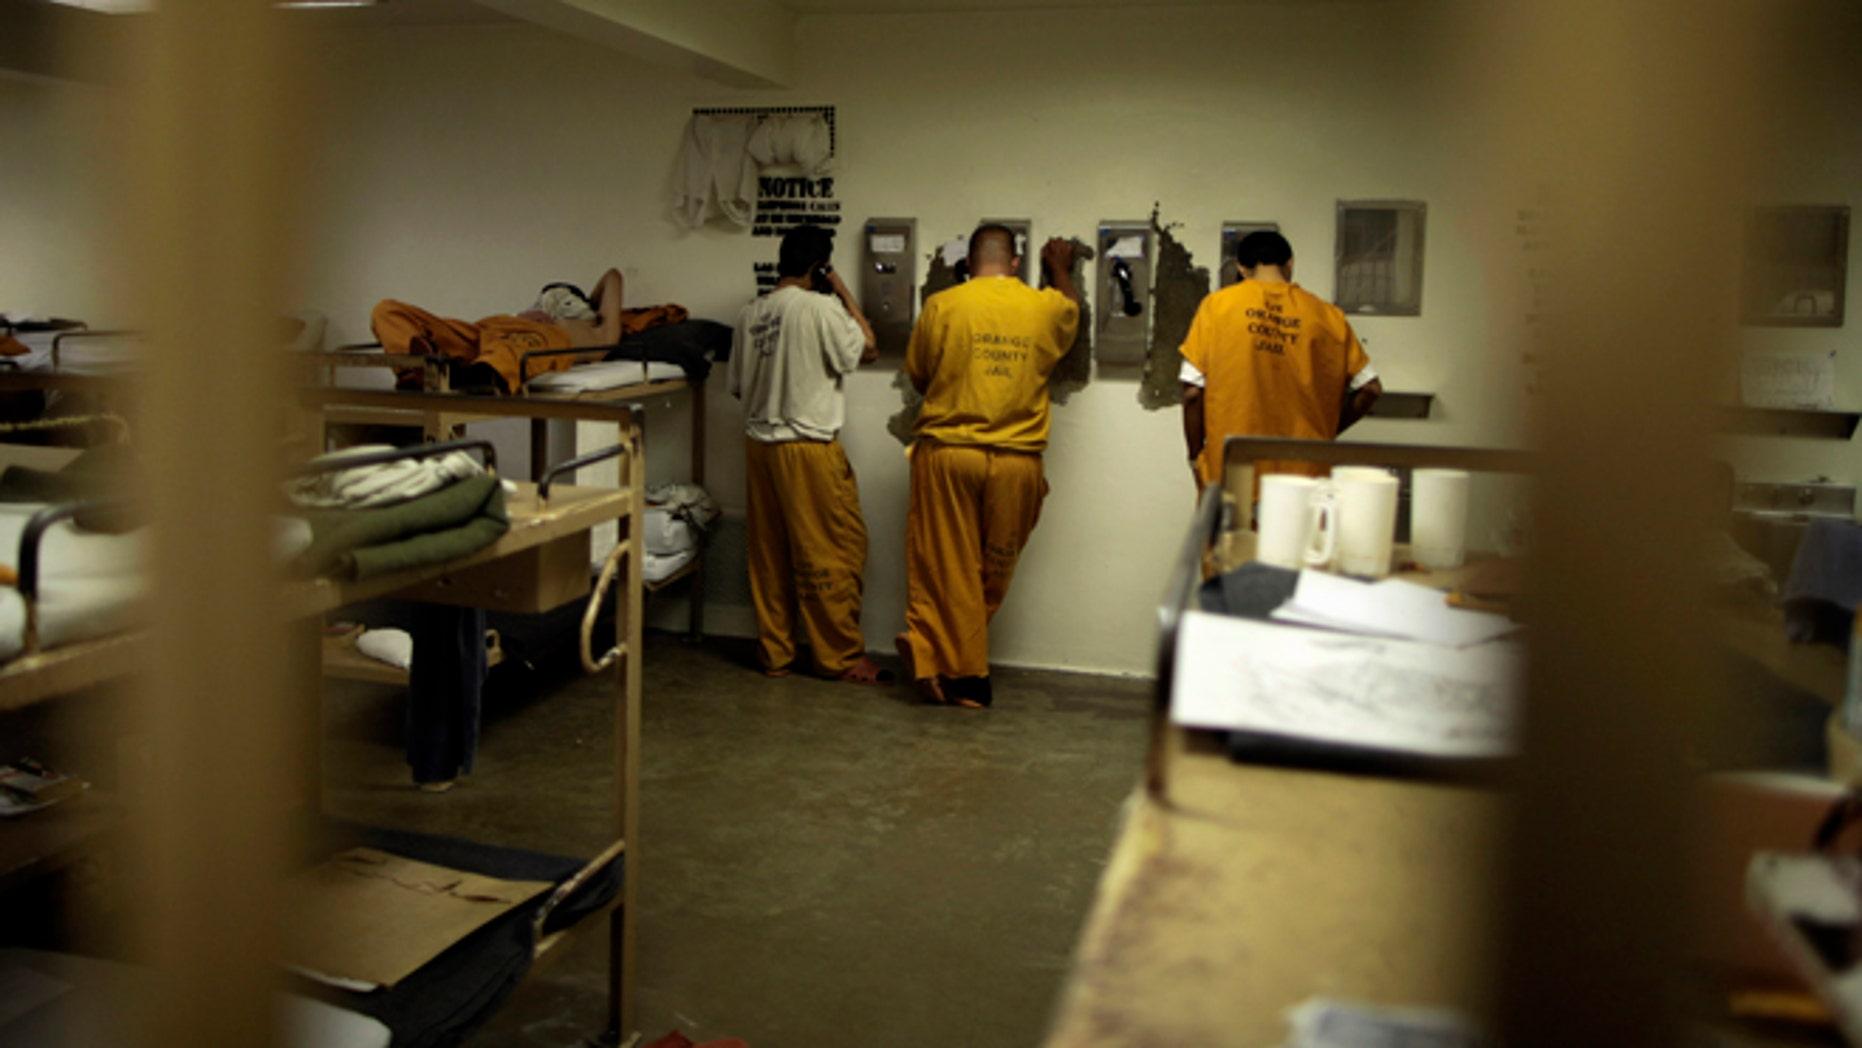 May 24, 2011: Inmates make phone calls from their cell at a county jail in Santa Ana, Calif.